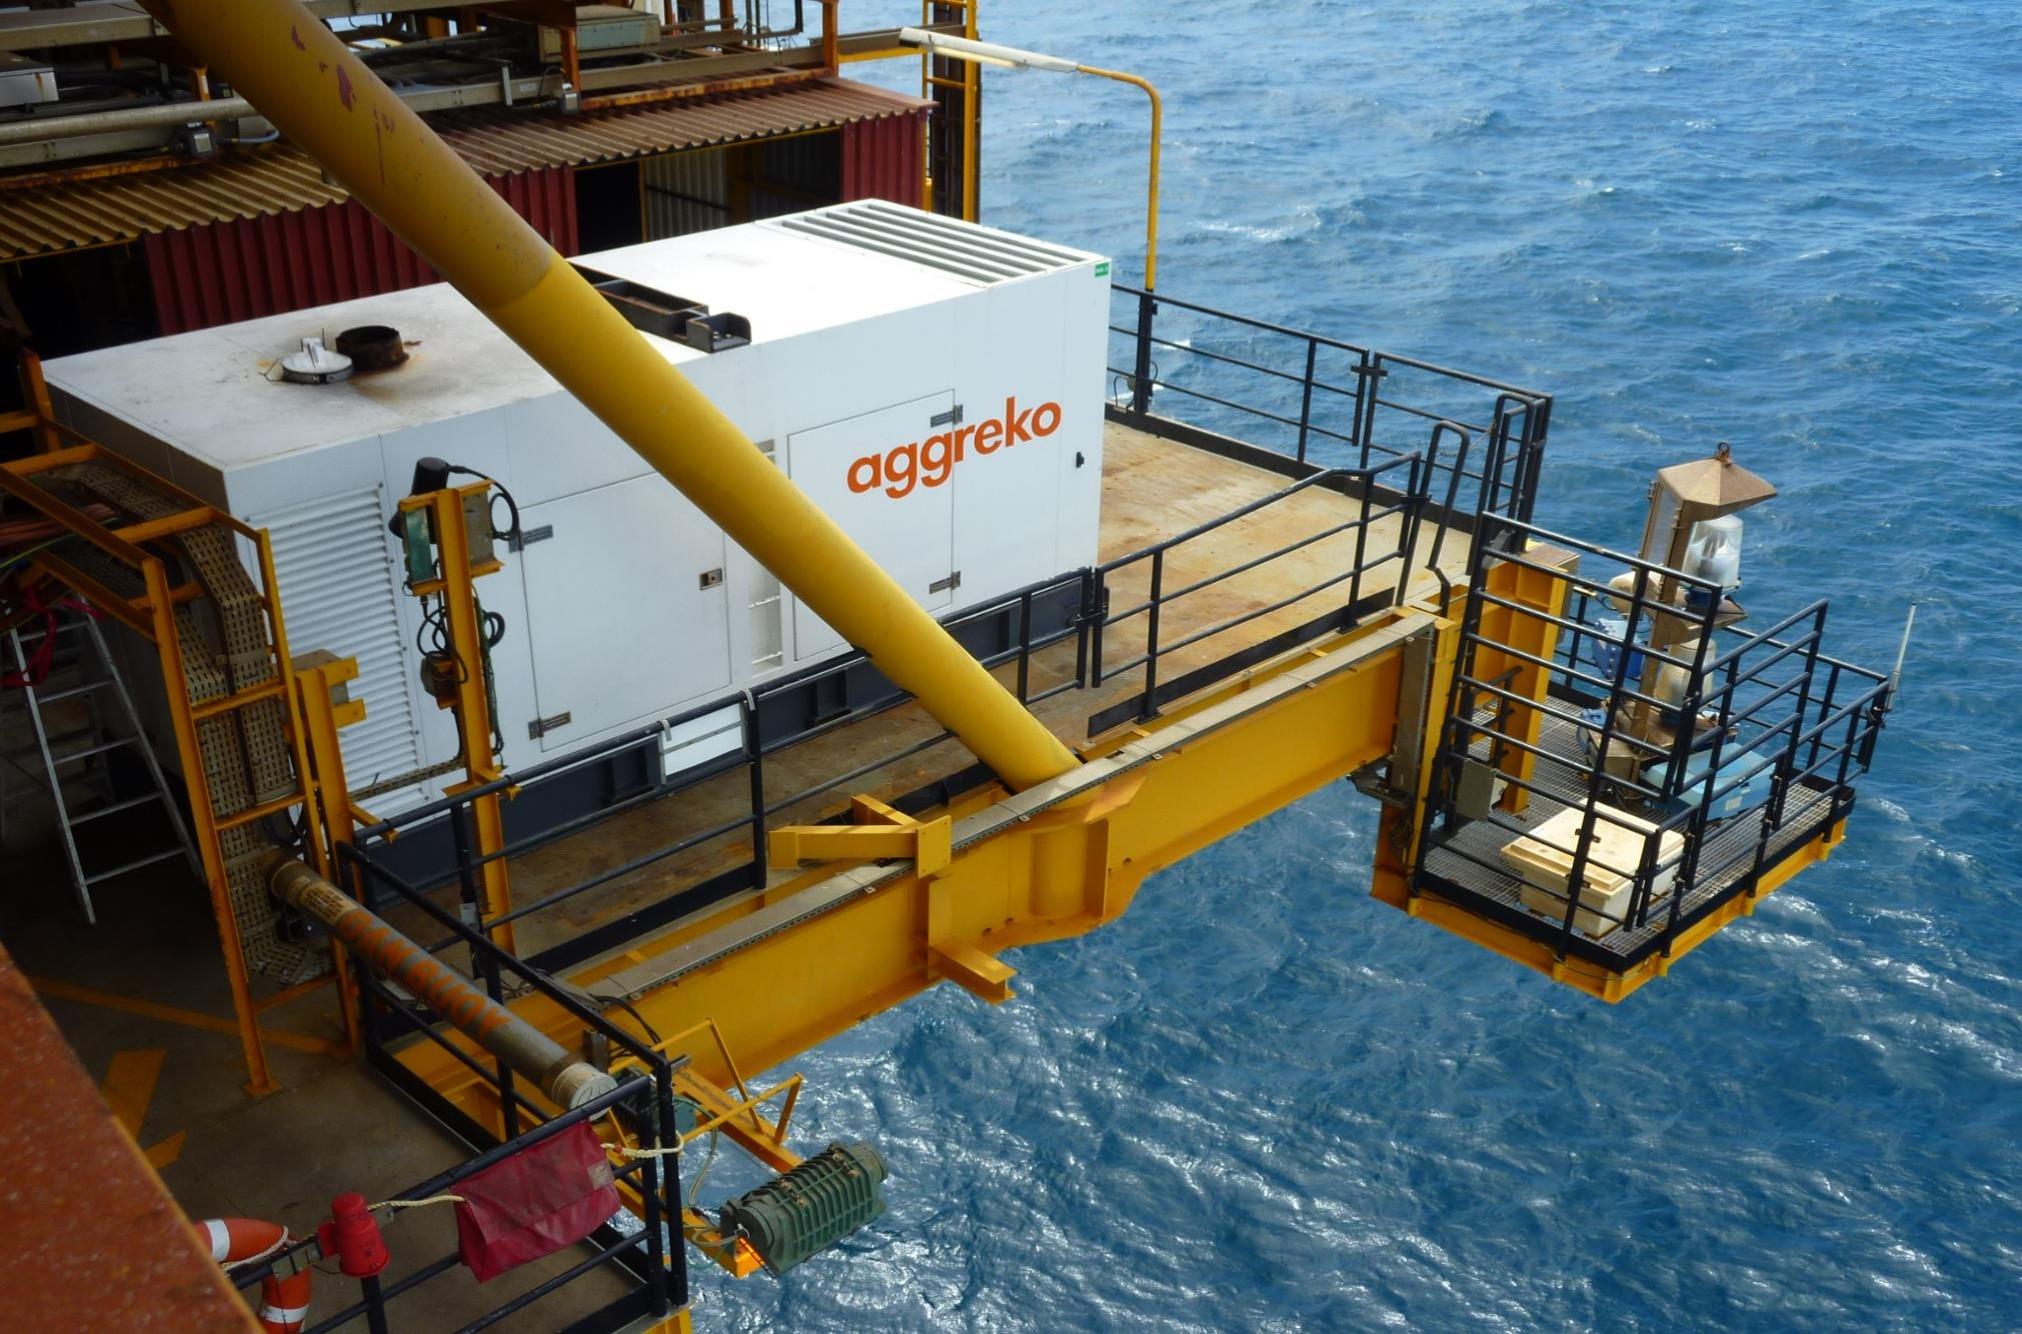 Aggreko desponta como líder global no fornecimento de energia modular móvel